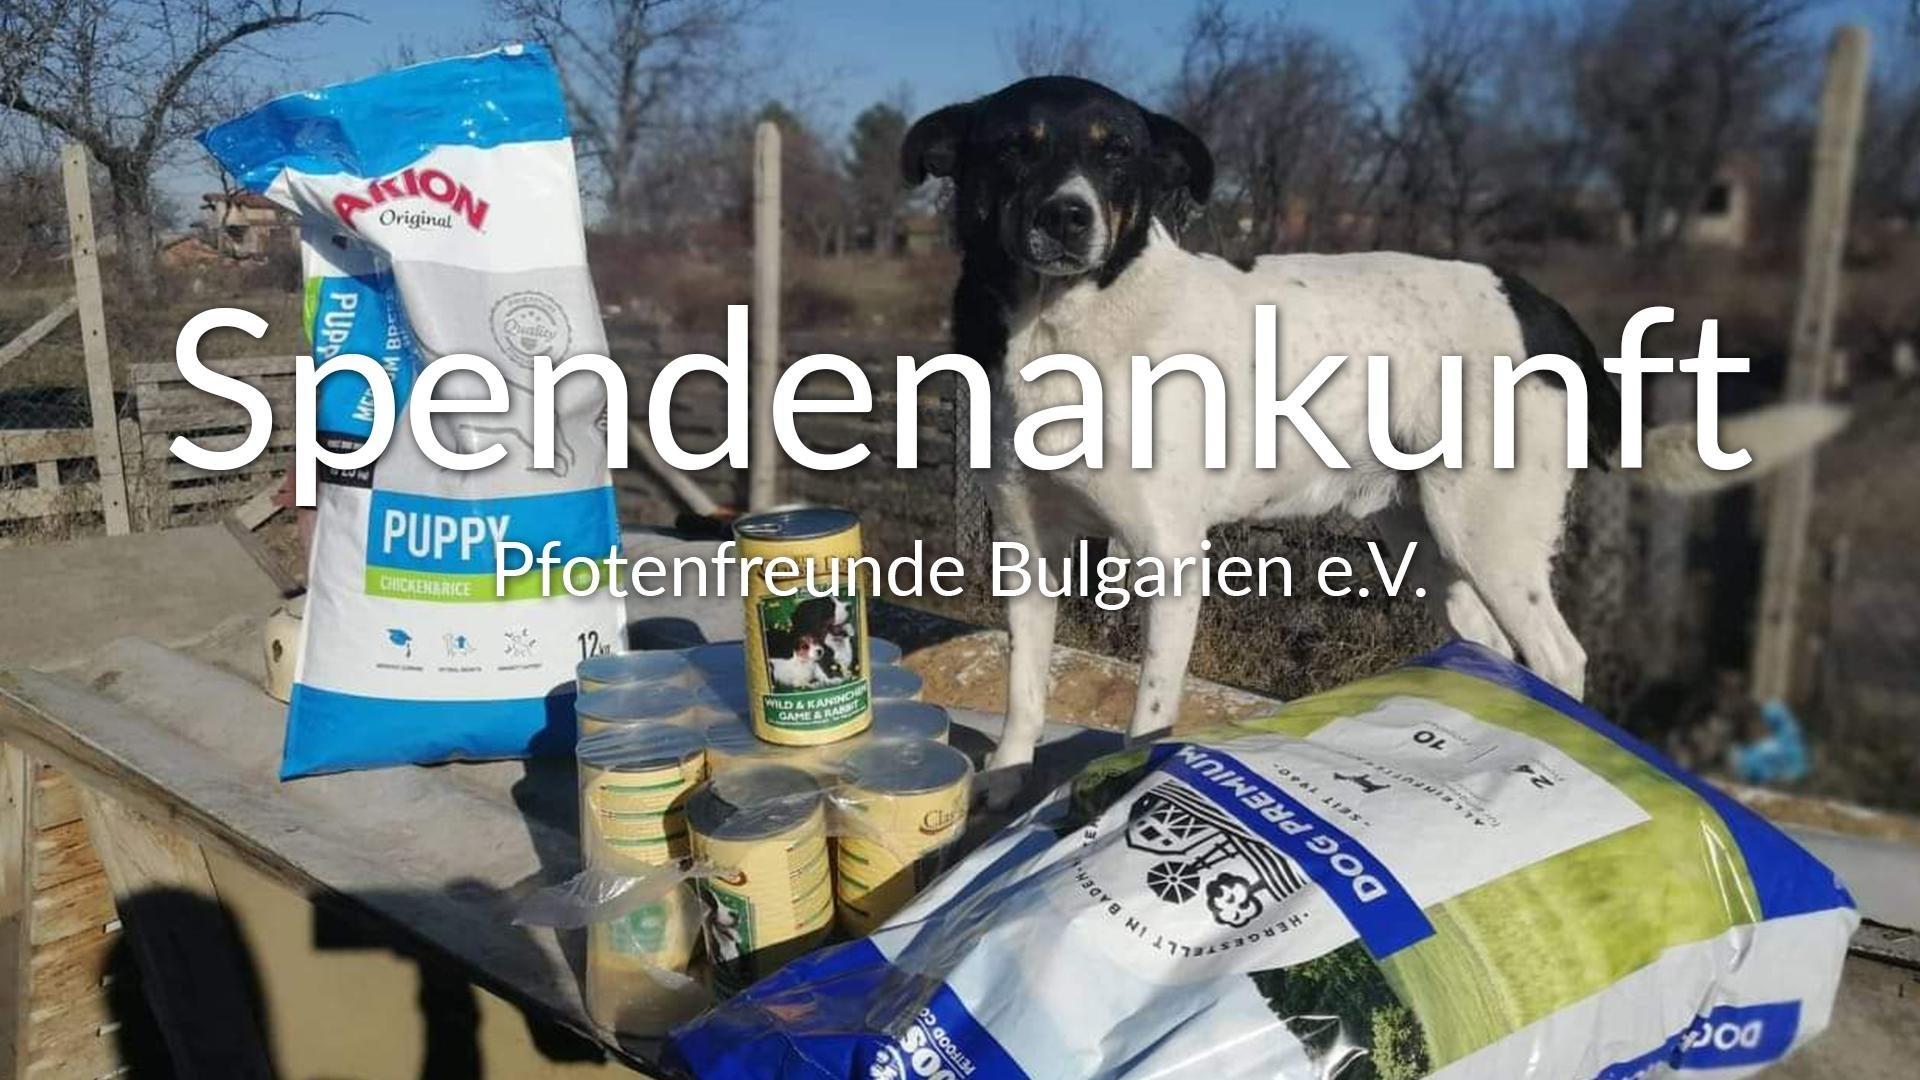 Pfotenfreunde Bulgarien e.V.-Futterspendenankunft-januar-2020-THdM Okt 19-Bulgarien-VIDEO